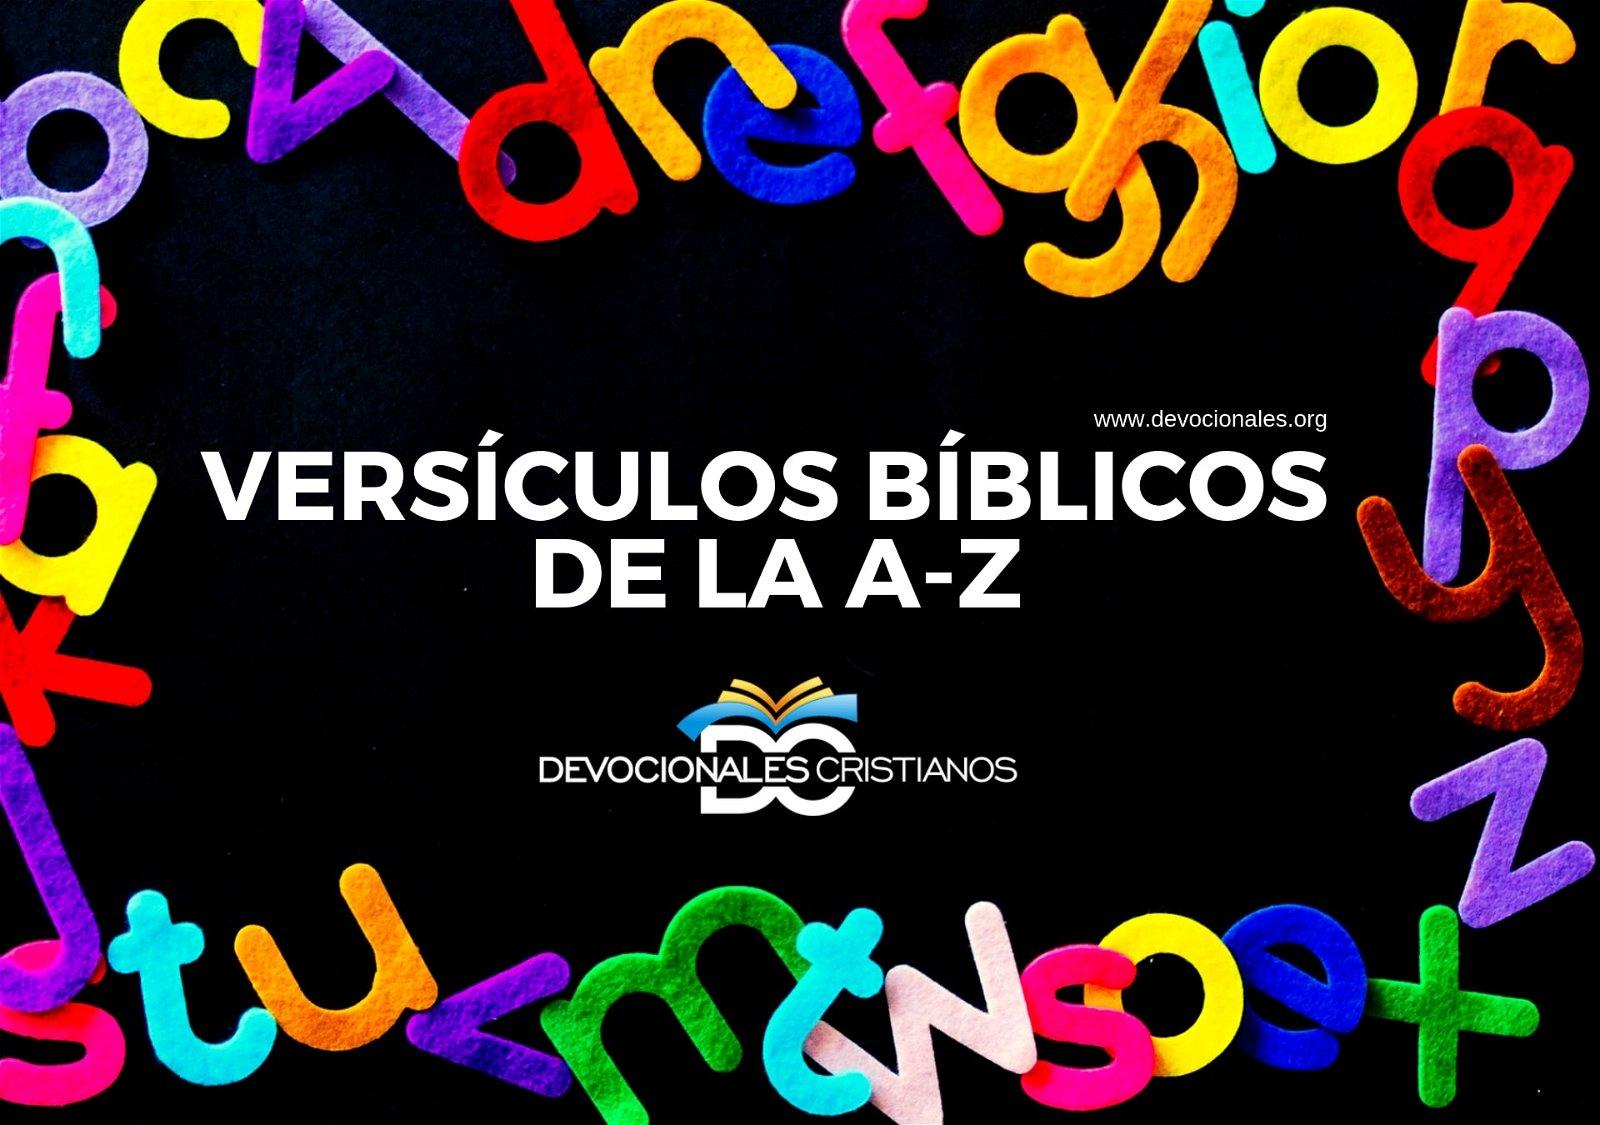 Versículos Bíblicos de la A a la Z Biblia † Abecedario